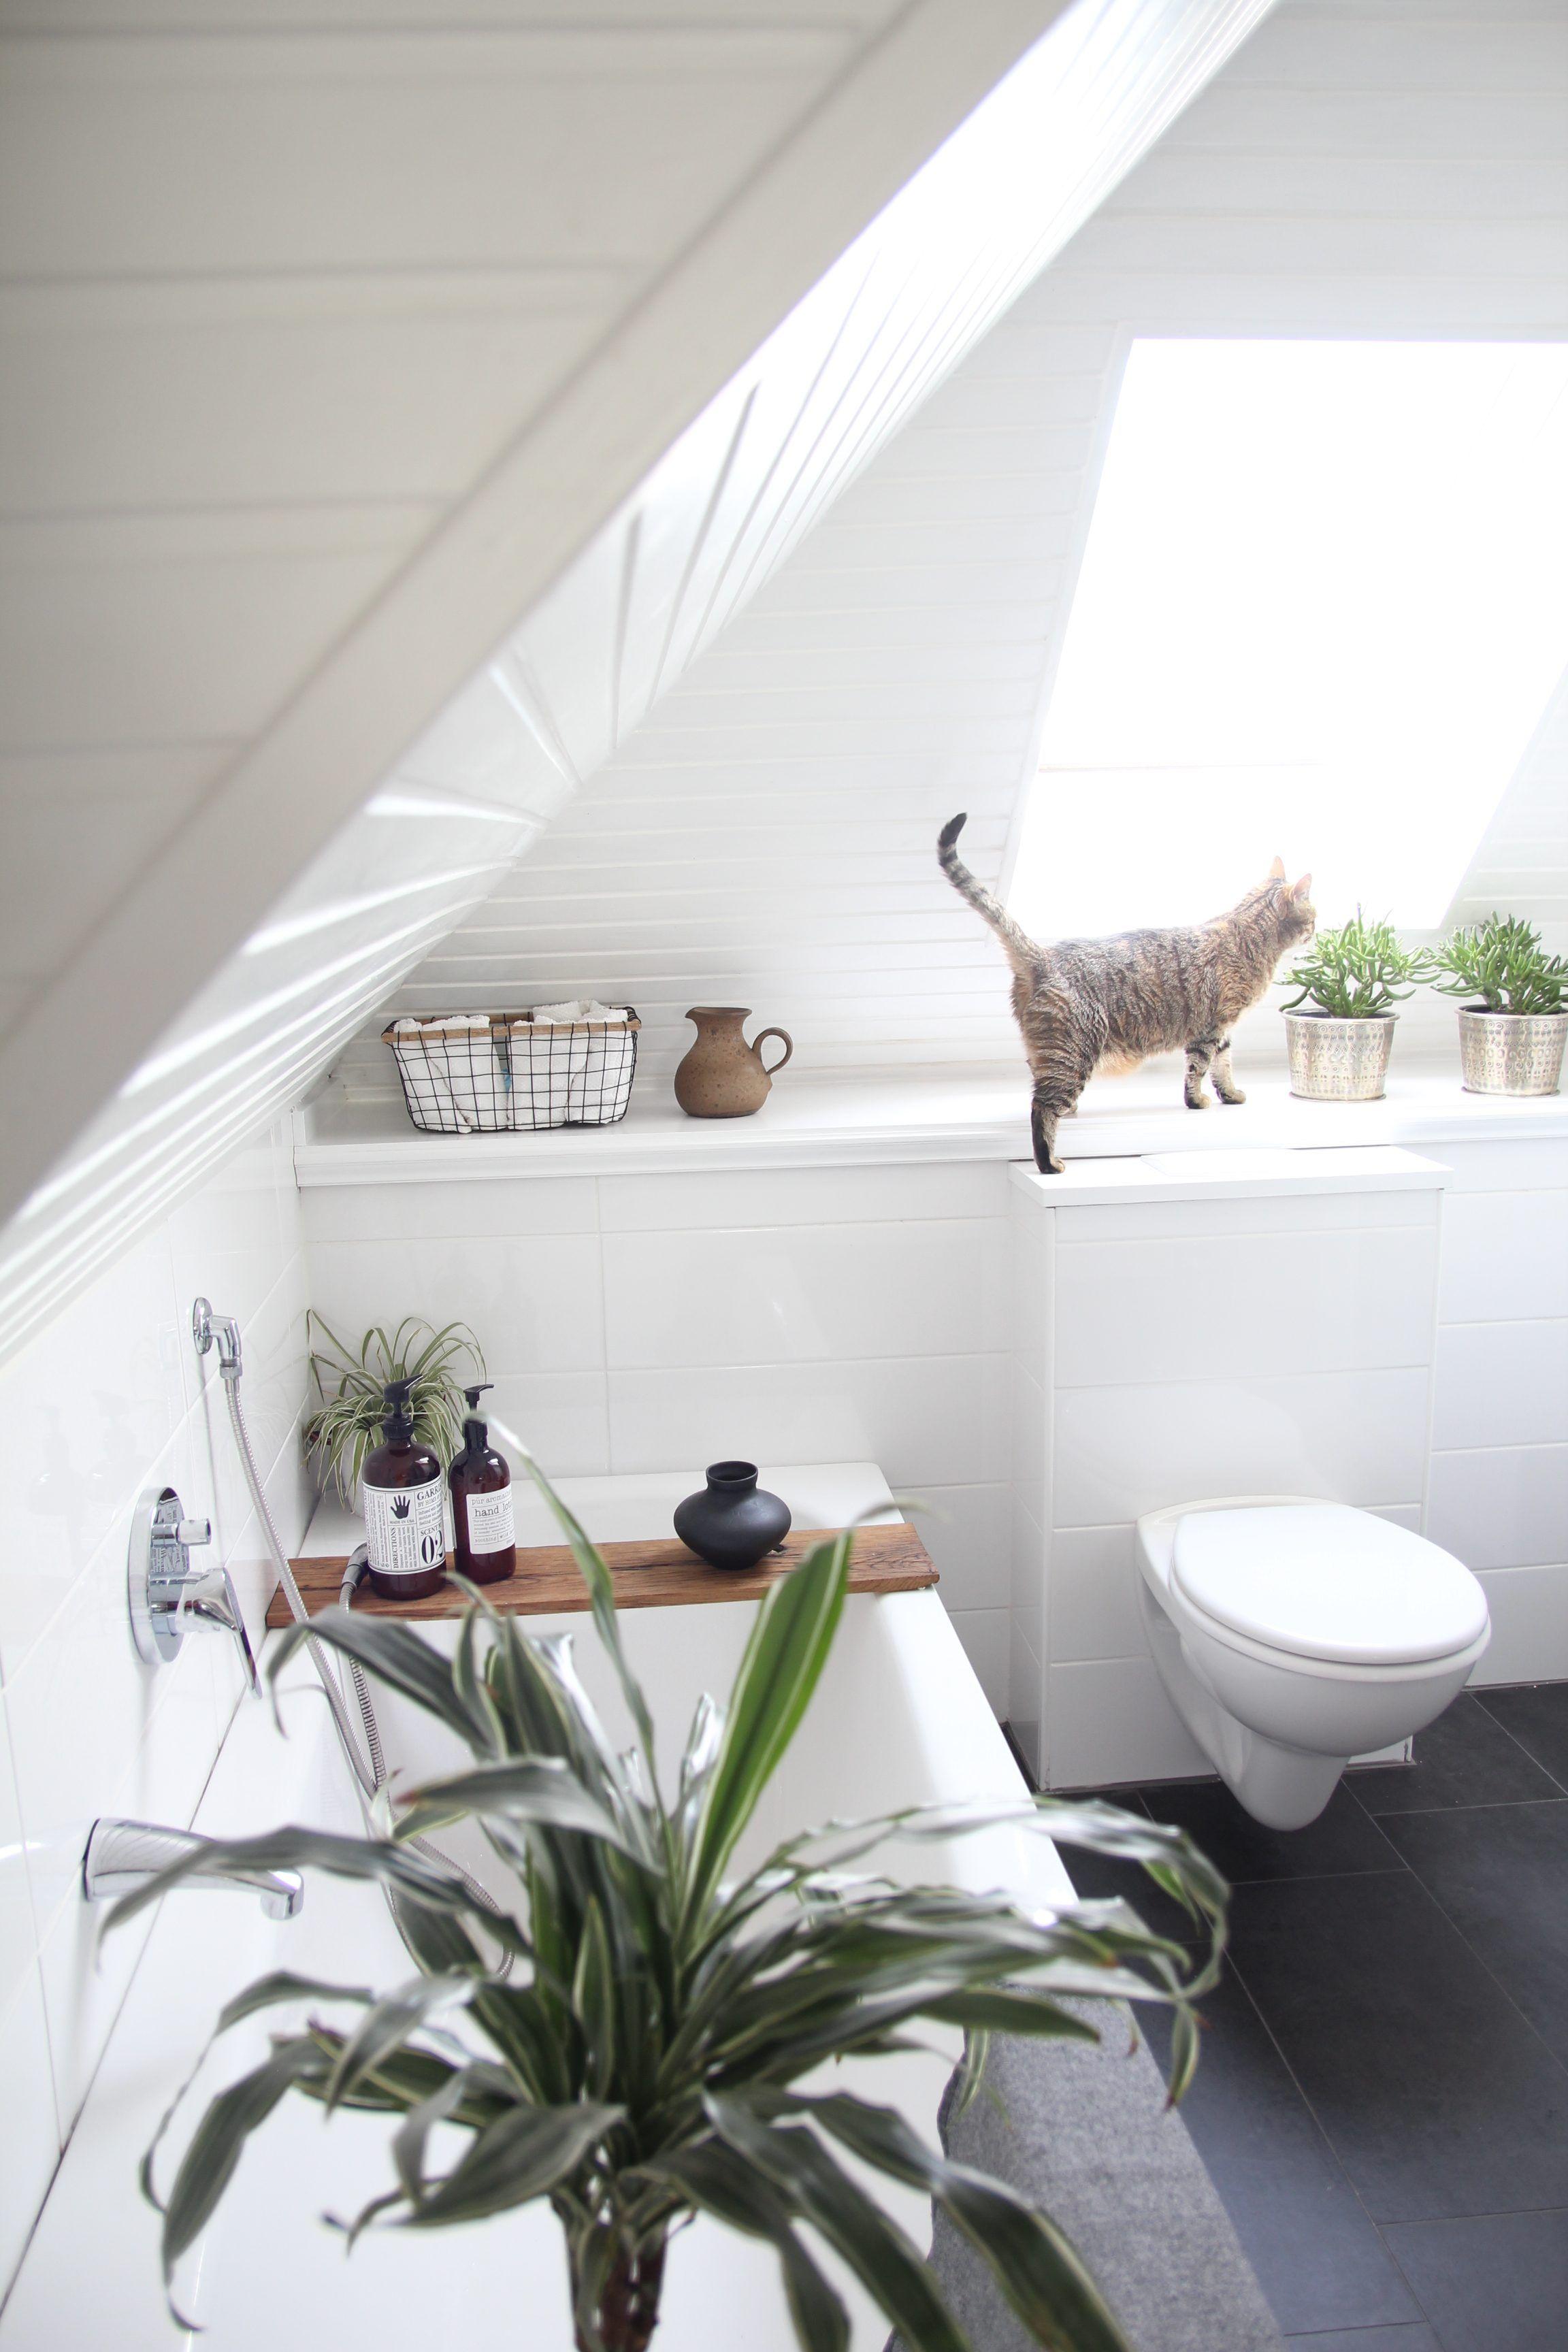 Badezimmer design natur inspiriert badezimmer selbst renovieren vorhernachher  wohnung einrichten